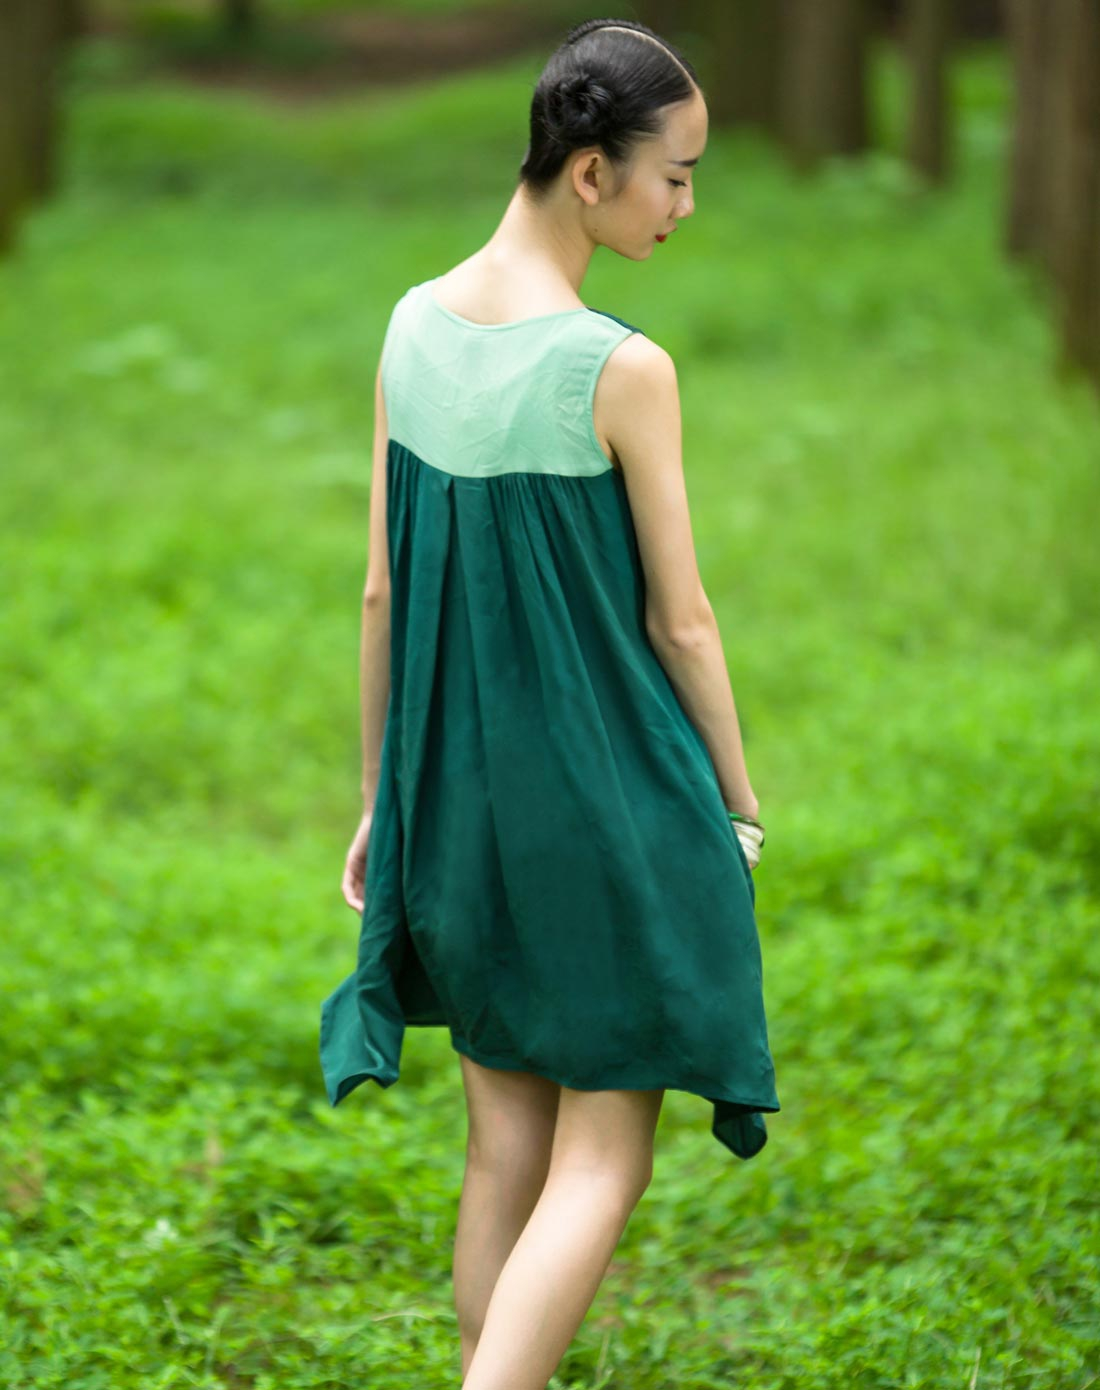 裂帛墨绿色圆领无袖连衣裙511311831106